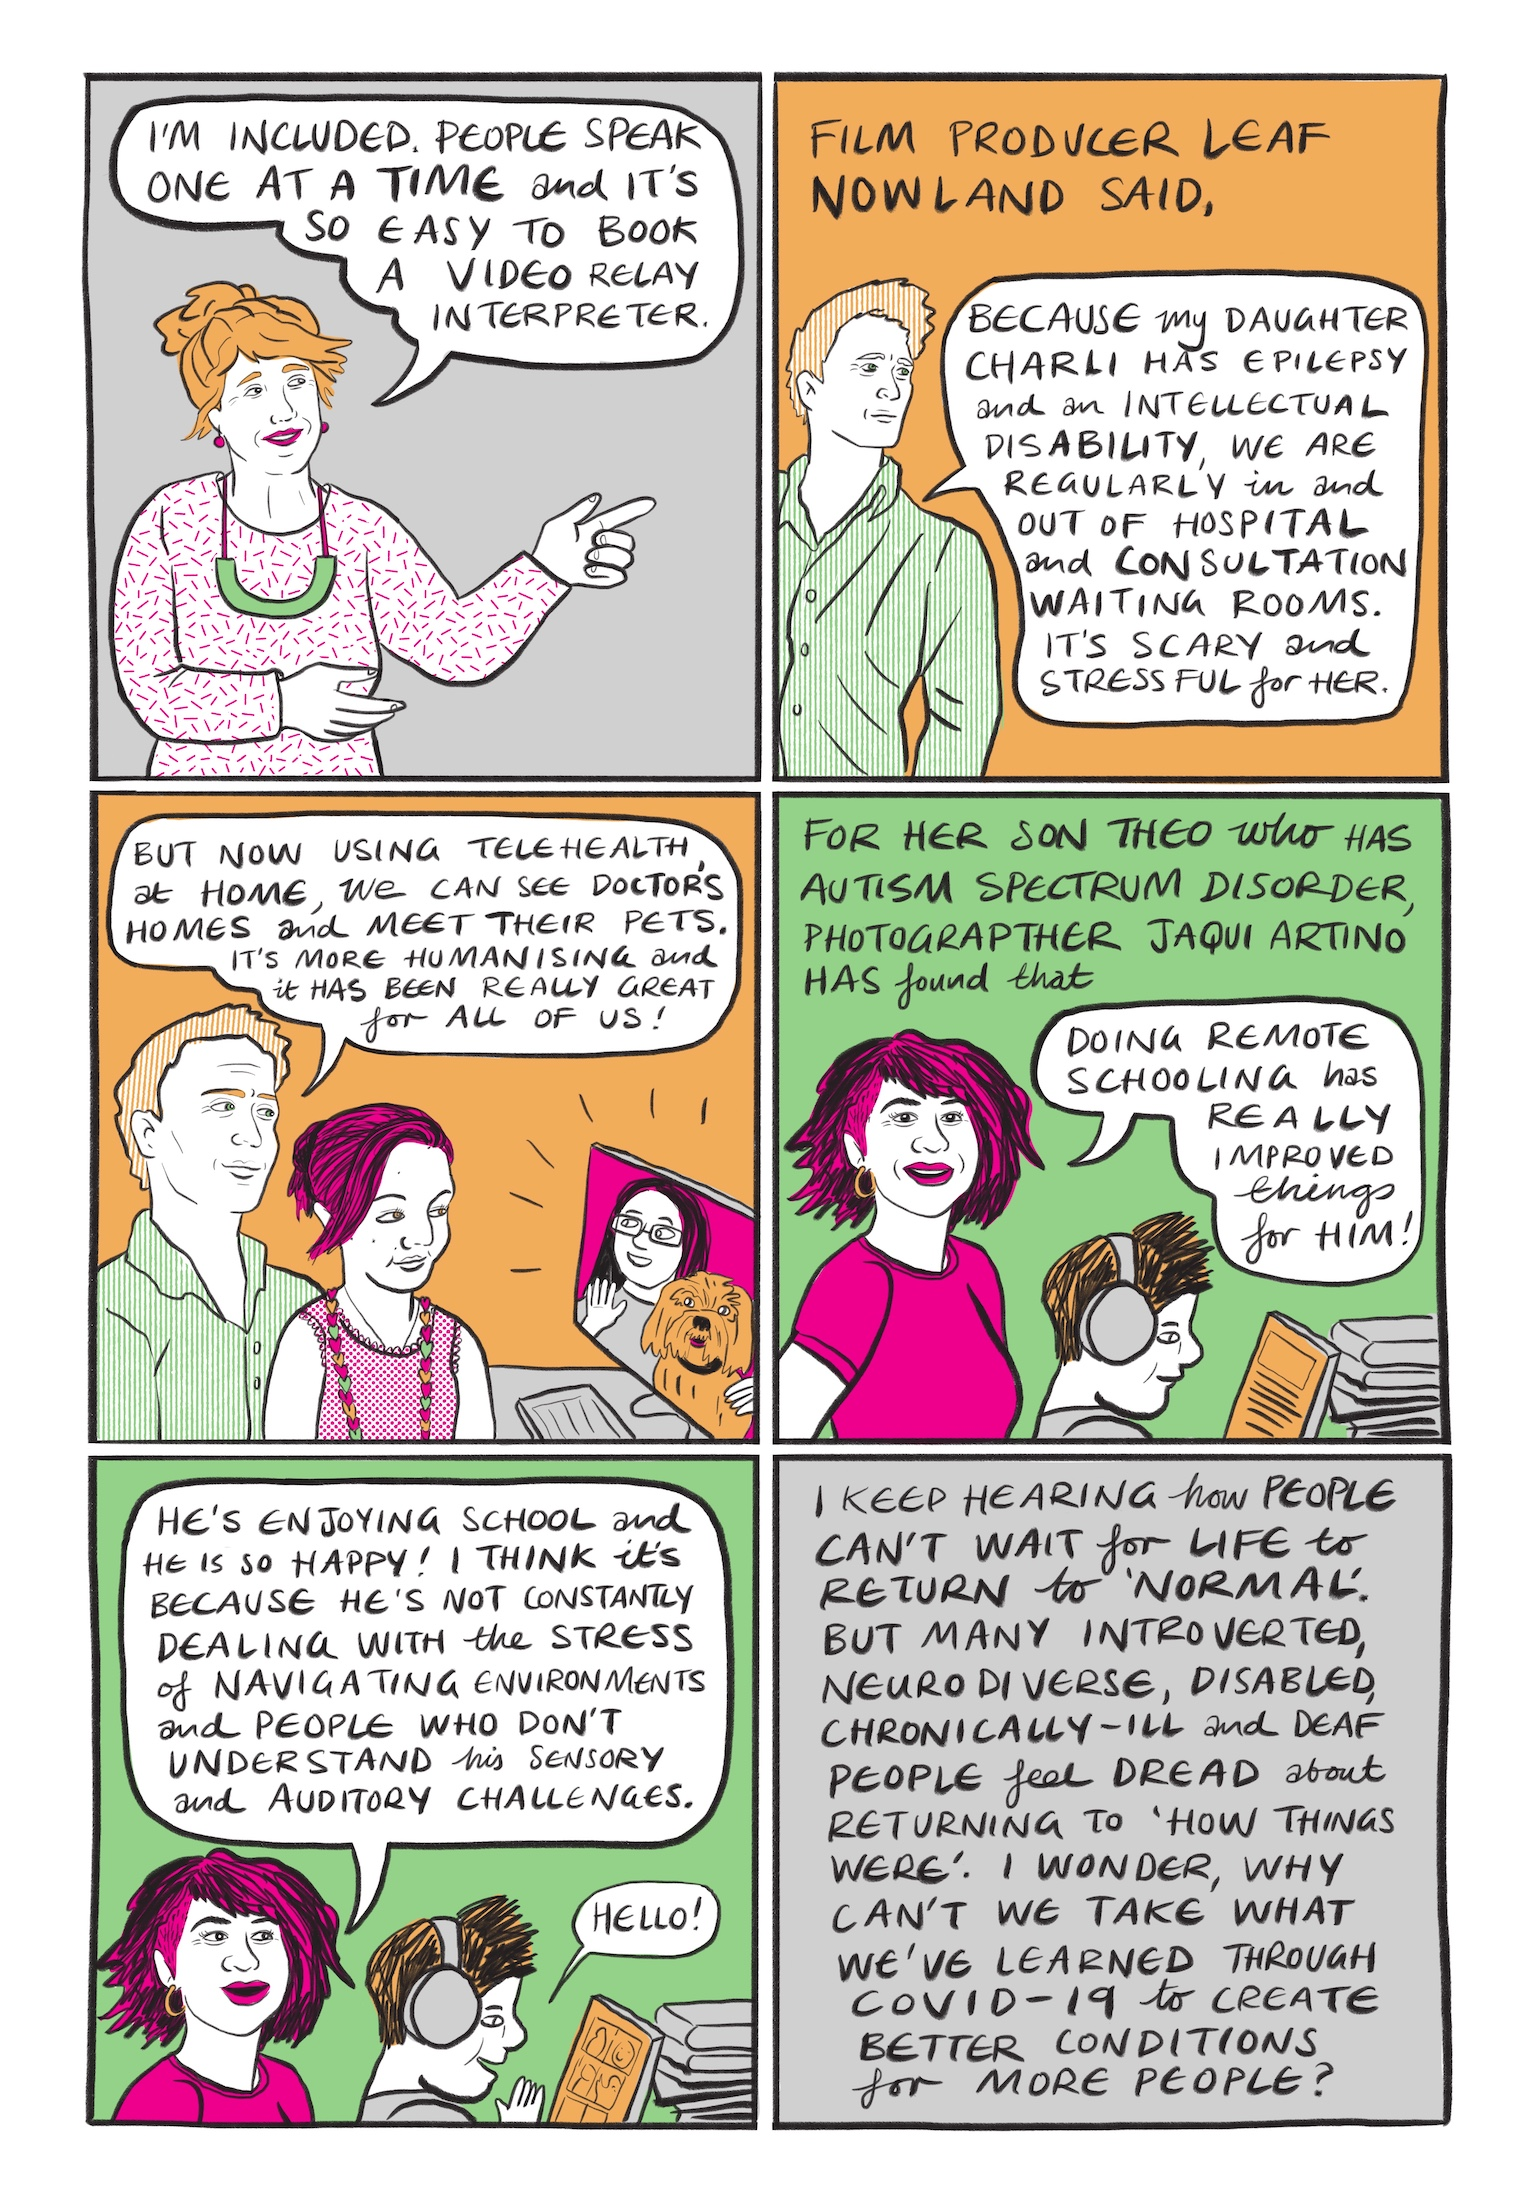 Seite 9:   Bild 1: Die Frau aus dem vorherigen Bild ist nun hüftaufwärts dargestellt. Ihren rechten Arm hält sie angewinkelt vor ihre Brust, die linke Hand, mit ausgestrecktem Zeigefinger, zeigt nach rechts. In einer Sprechblase über ihrem Kopf steht…   Ich gehöre dazu. Die Leute sprechen einer nach dem anderen und es ist so einfach, einen Video-Dolmetscher zu buchen.  Bild 2: Vor orangefarbenem Hintergrund ist die rechte Körperhälfte eines Mannes hüftaufwärts dargestellt. Er trägt blonde, kurze Haare und ein grün-weiß gestreiftes, zugeknöpftes Hemd. In einer Sprechblase zu seiner rechten steht…  Filmproduzentin Leaf Nowland sagt, da meine Tochter Charli Epilepsie und eine geistige Behinderung hat, gehen wir regelmäßig in Wartezimmern von Krankenhäusern und Beratungsstellen ein und aus. Das ist beängstigend und stressig für sie.  Bild 3: Vor orangefarbenem Hintergrund sitzt der Mann, mit einem jüngeren Mädchen auf dem Schoß, vor einem Computer. Auf dem Computerbildschirm ist eine lächelnde, bebrillte Frau mit schwarzen langen Haaren dargestellt, die die rechte Hand zum Gruß erhoben hat und mit der linken einen blonden, zotteligen Hund umarmt. Der Mann und das Mädchen sind brustaufwärts dargestellt. Das Mädchen trägt ihre pinkfarbenen Haare locker hochgebunden und hat ein weißes Shirt ohne Ärmel mit pinken Punkten an. Sie trägt zusätzlich zwei Kette, eine mit einfachem Band, die unter ihrem Shirt verschwindet, sowie eine große mit orangenen, pinken und grünen Herzen. In einer Sprechblase oberhalb der Szenerie steht…  Aber jetzt können wir mit Telehealth, einer digitalen Kommunkationsmöglichkeit für die medizinische Versorgung, zu Hause Ärzte besuchen und ihre Haustiere kennenlernen. Das ist menschlicher und wirklich toll für uns alle!  Bild 4: Vor grünem Hintergrund ist eine Frau hüftaufwärts dargestellt. Vor ihr sitzt ein Junge augenscheinlich an einem Tisch mit einem großen grauen Bücherstapel. Die Frau trägt pinke, kinnlange Haare mit rasierter Seite, ein pinkfarb